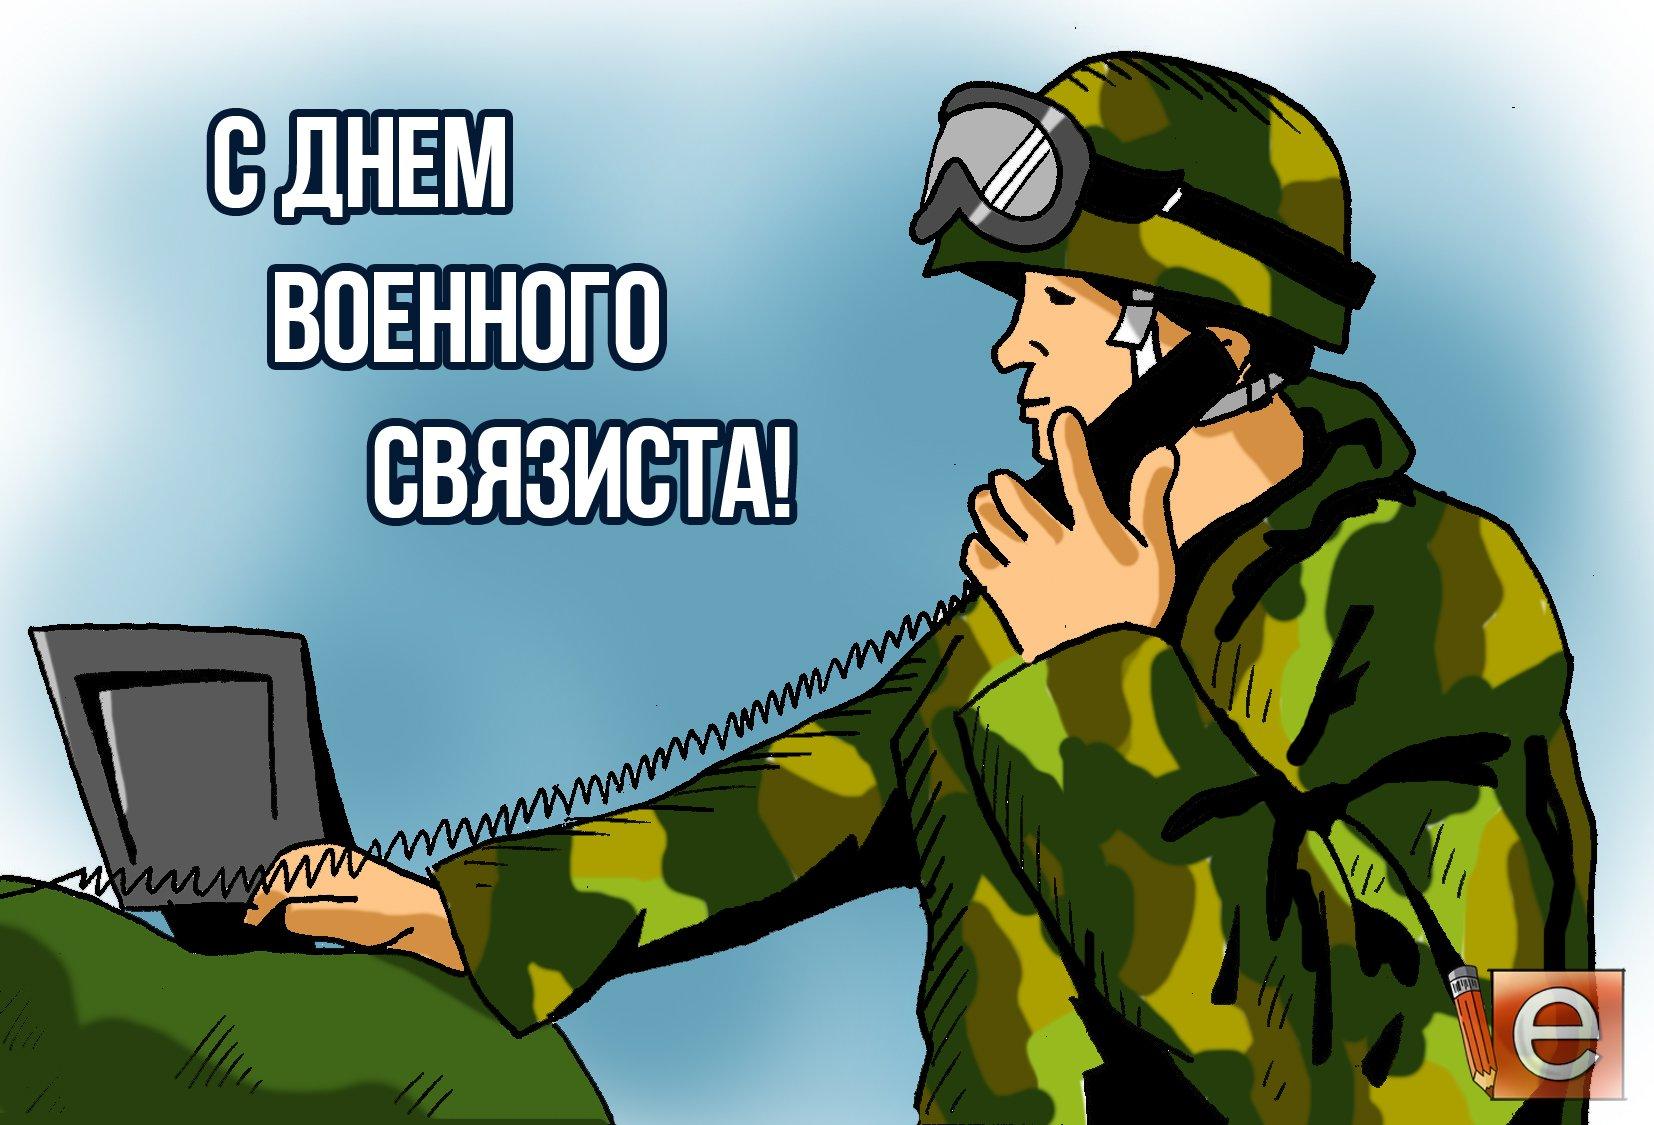 Открытка с днем военного связиста прикольная, ребенком открытку